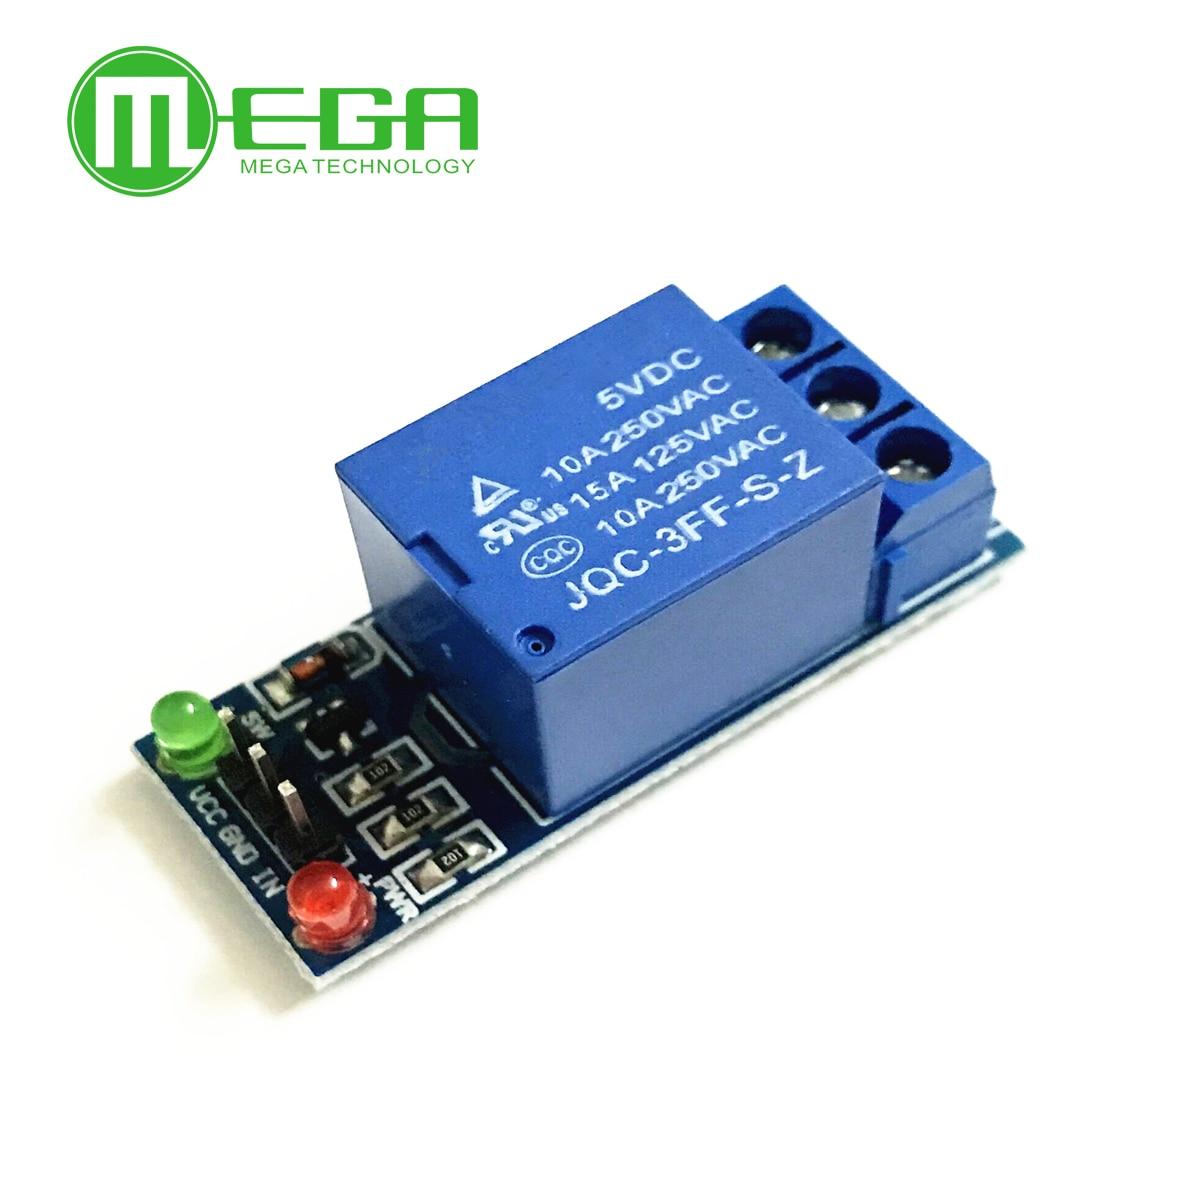 50 Pcs 1 Channel 5 V Relay Modul Tingkat Rendah Untuk Scm 1006 Karpet Rumah Cantik Kontrol Alat Tangga Pengiriman Gratis Arduino